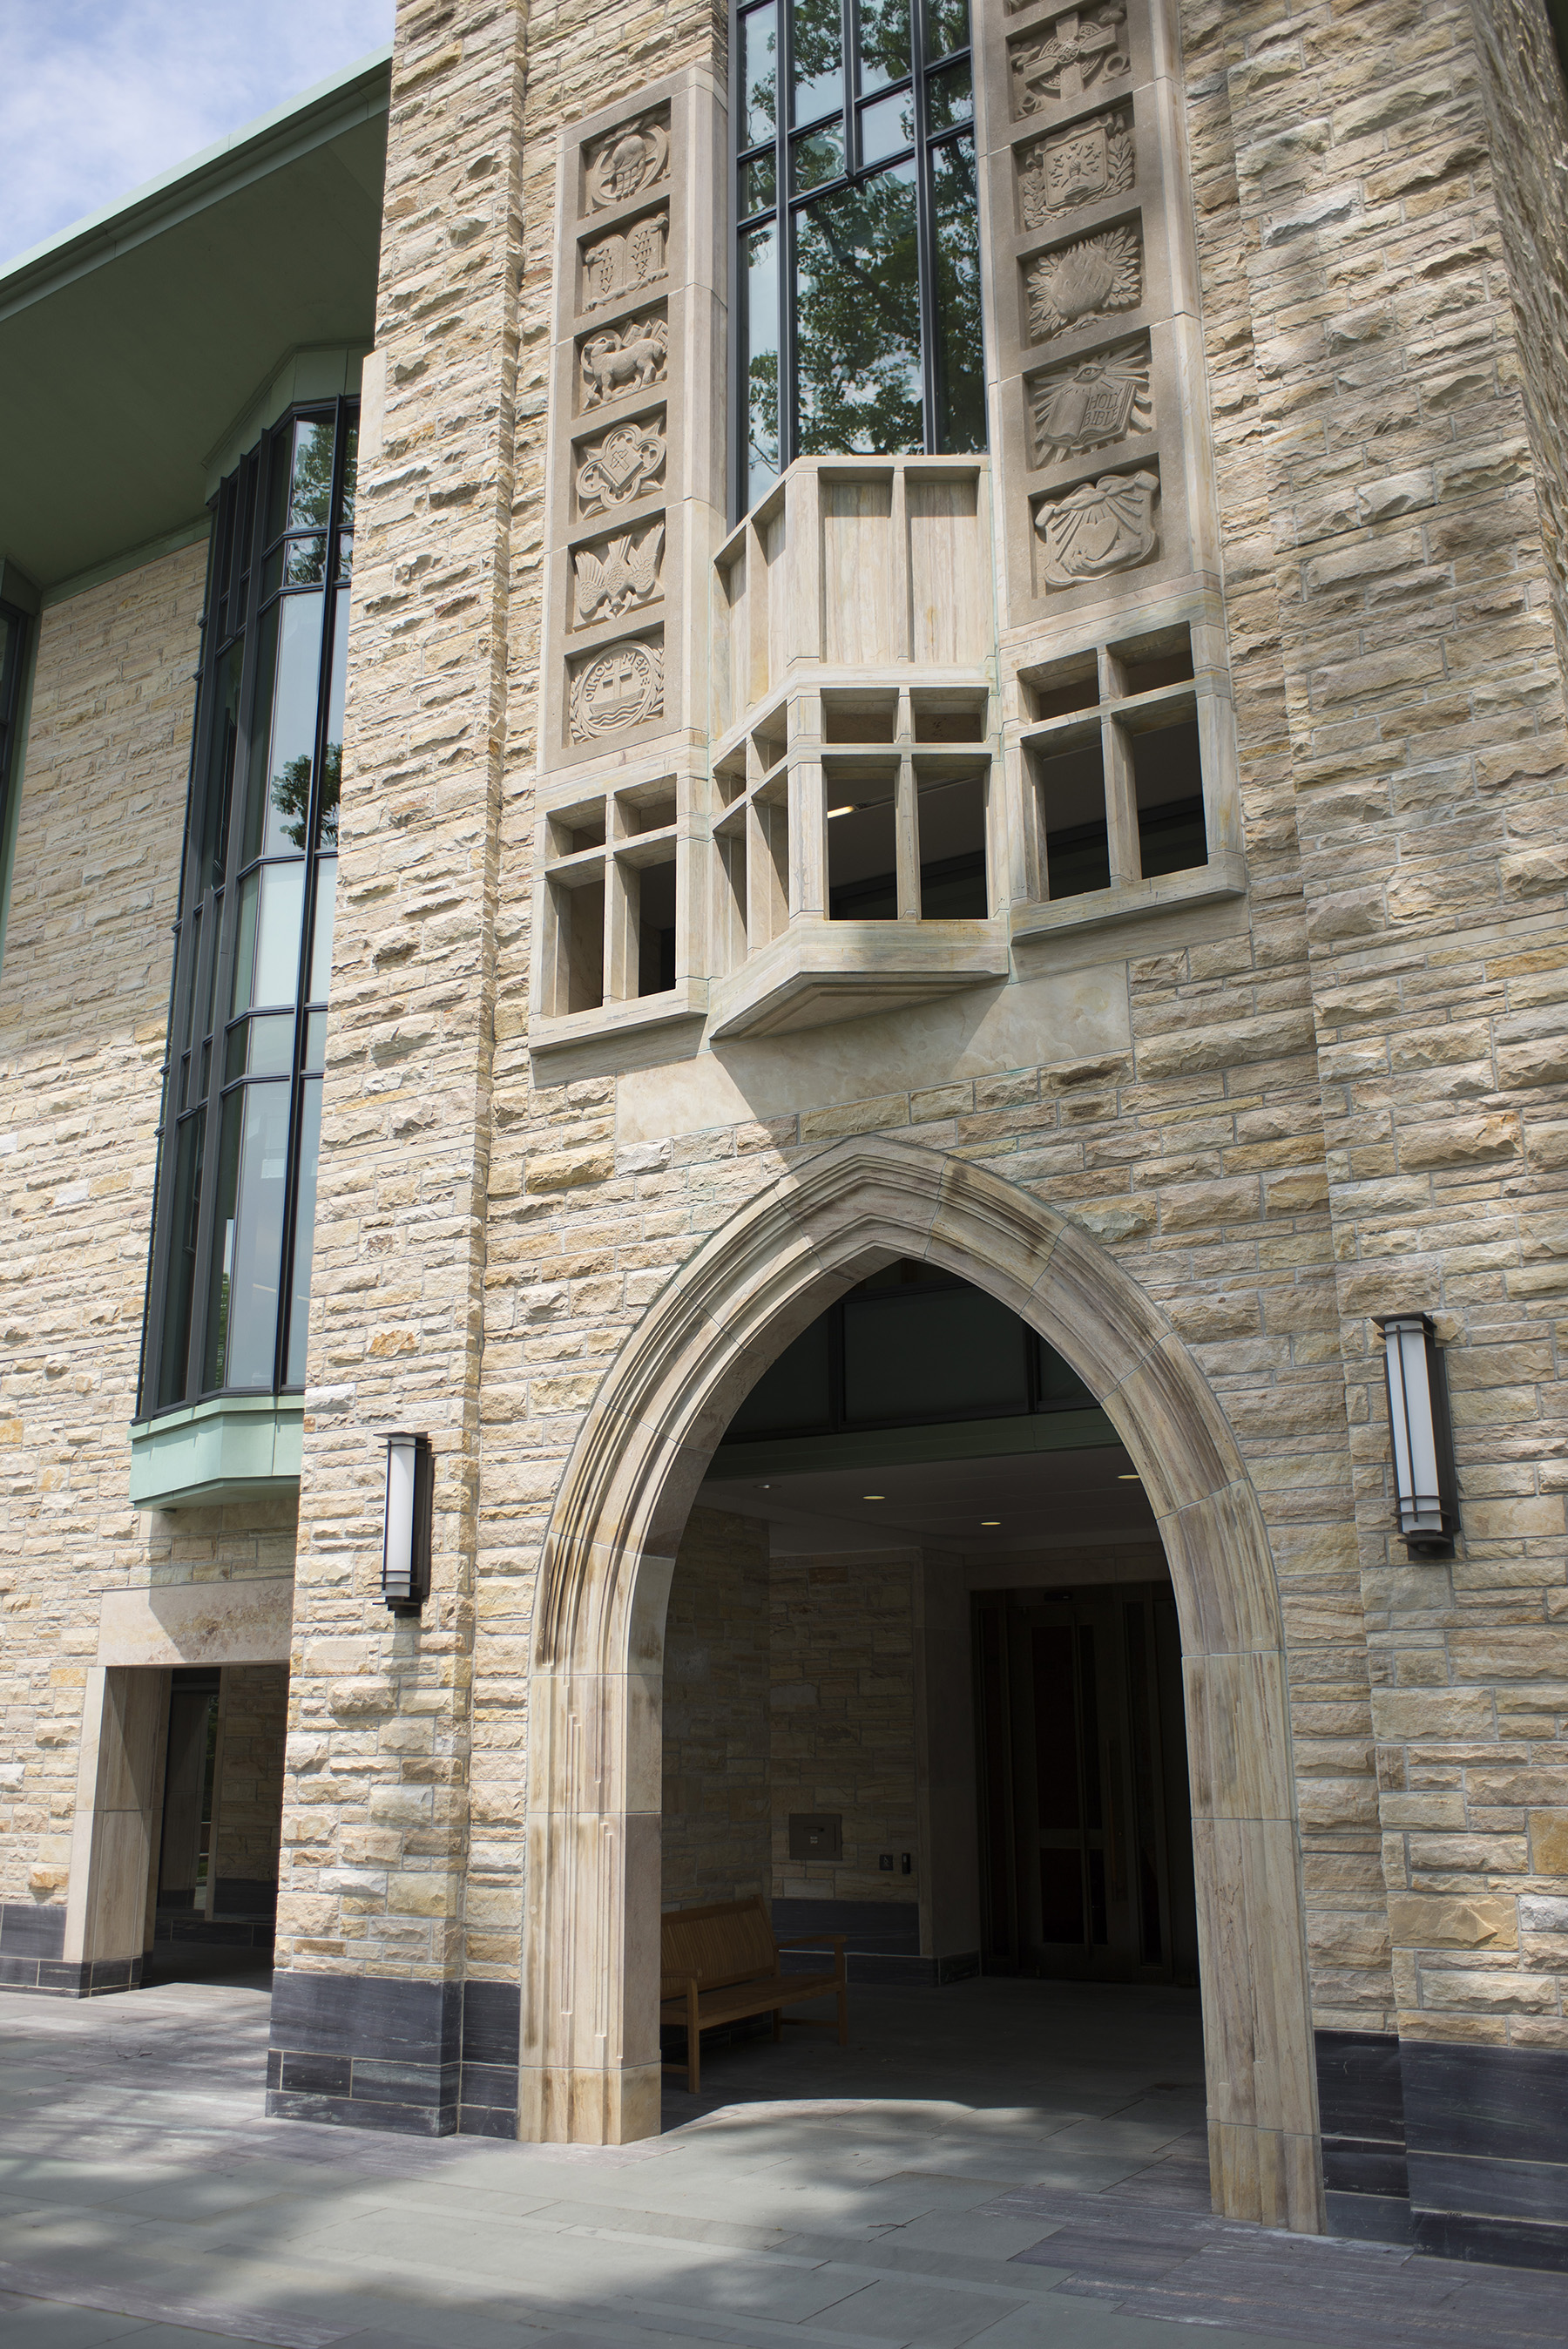 princeton stone arch entrance